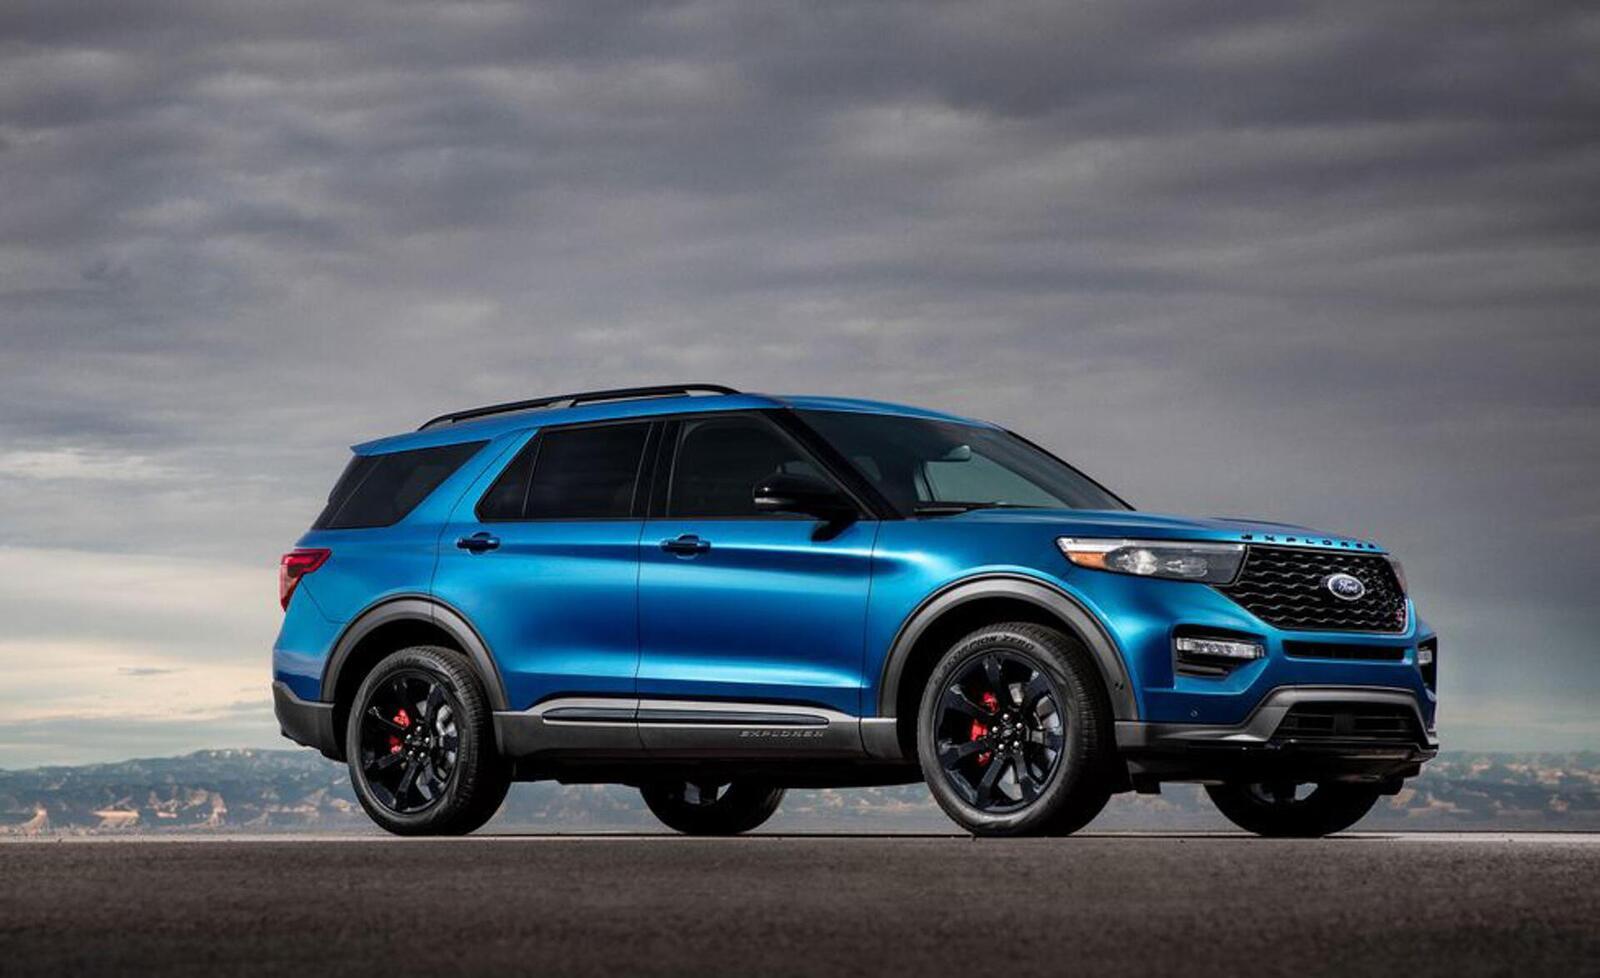 Ford giới thiệu Explorer ST 2020: Phiên bản mạnh nhất lắp máy V6 3.0L tăng áp 400 mã lực - Hình 11